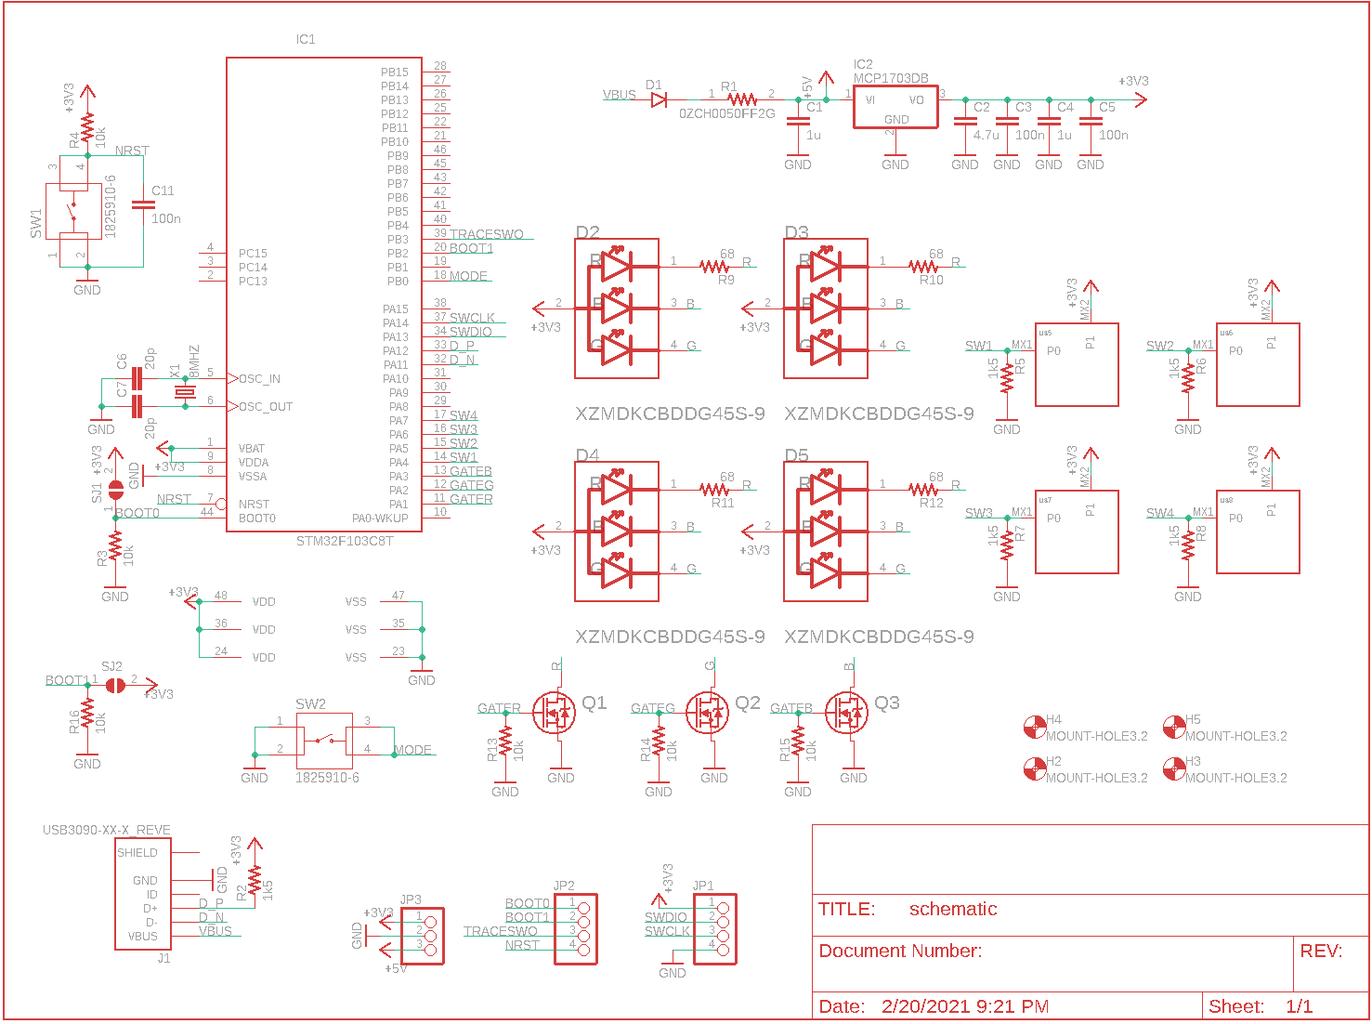 Hardware Design - Schematic